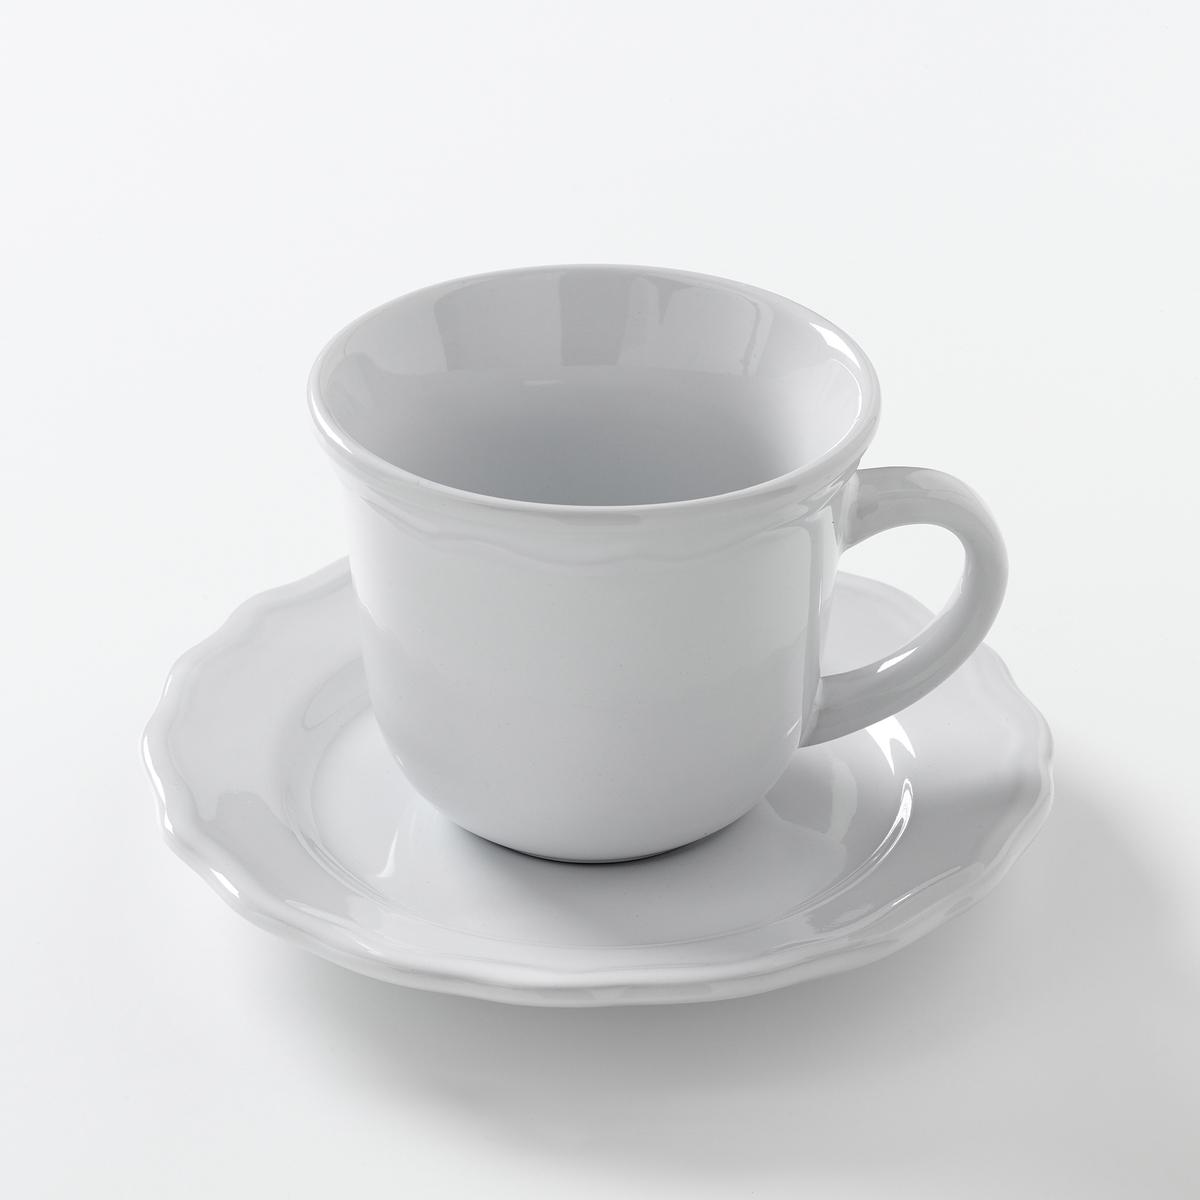 Кружка + блюдце из фаянса (комплект из 4 шт), Ajila4 кружки + блюдца из фаянса с отделкой фестоном Ajila. Завтрак, обед или ужин, La Redoute Int?rieurs Вас приглашает к столу.Характеристики 4 кружек + блюдец из фаянса с отделкой фестоном Ajila   :- Из фаянса, зубчатая кромка.- Диаметр блюдца 16 см.- Диаметр чашки 9 см.- Высота чашки 7,7 см.- Объем 22 см3.- Можно использовать в посудомоечных машинах и микроволновых печах.Плоские, глубокие, десертные тарелки и чашки Ajila продаются на нашем сайте .<br><br>Цвет: белый,серо-коричневый<br>Размер: единый размер